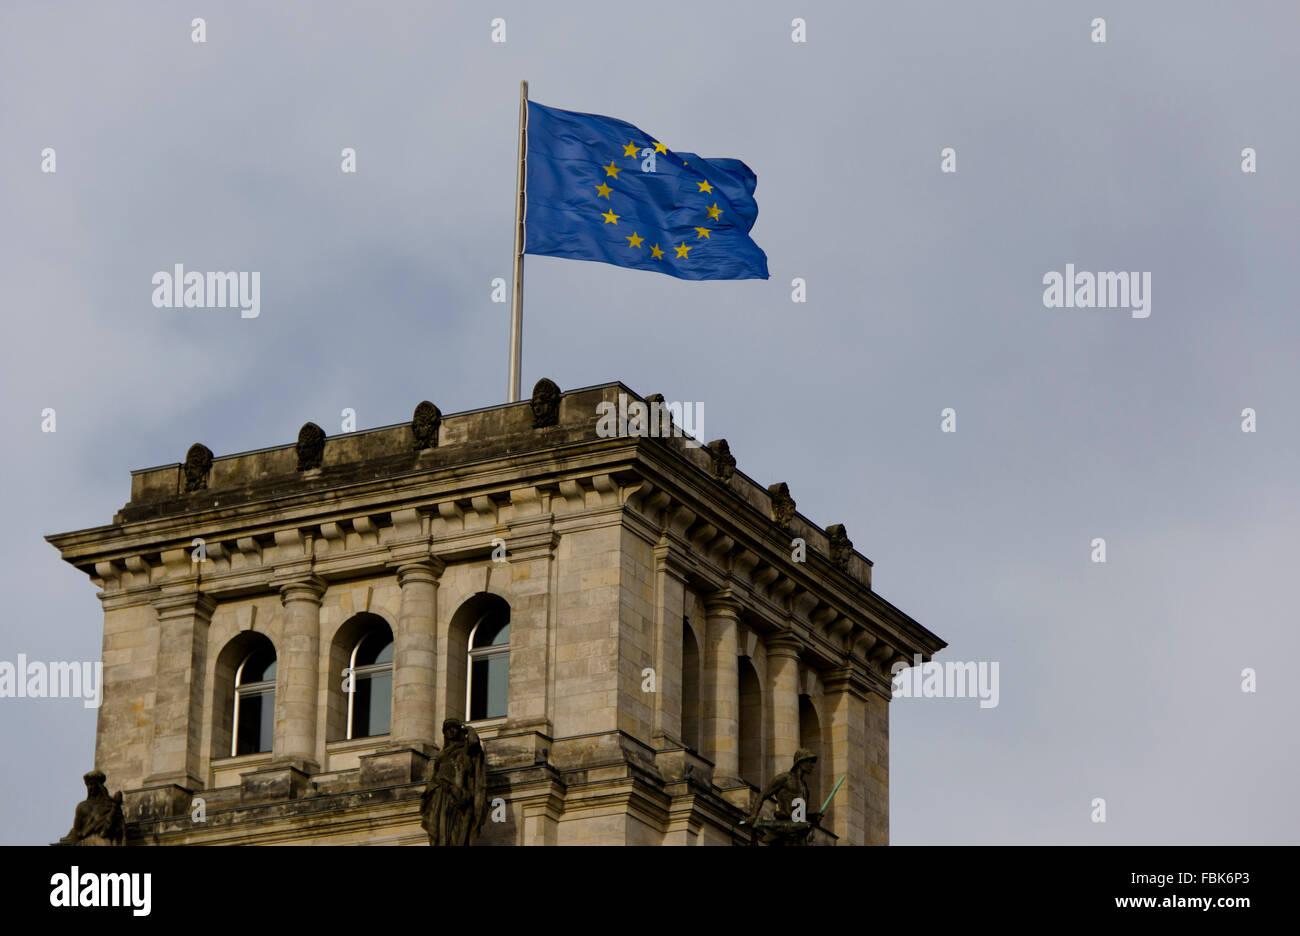 parliament, house, parliament building, congress, flag, banner, european union, building, architecture, architectonics, - Stock Image